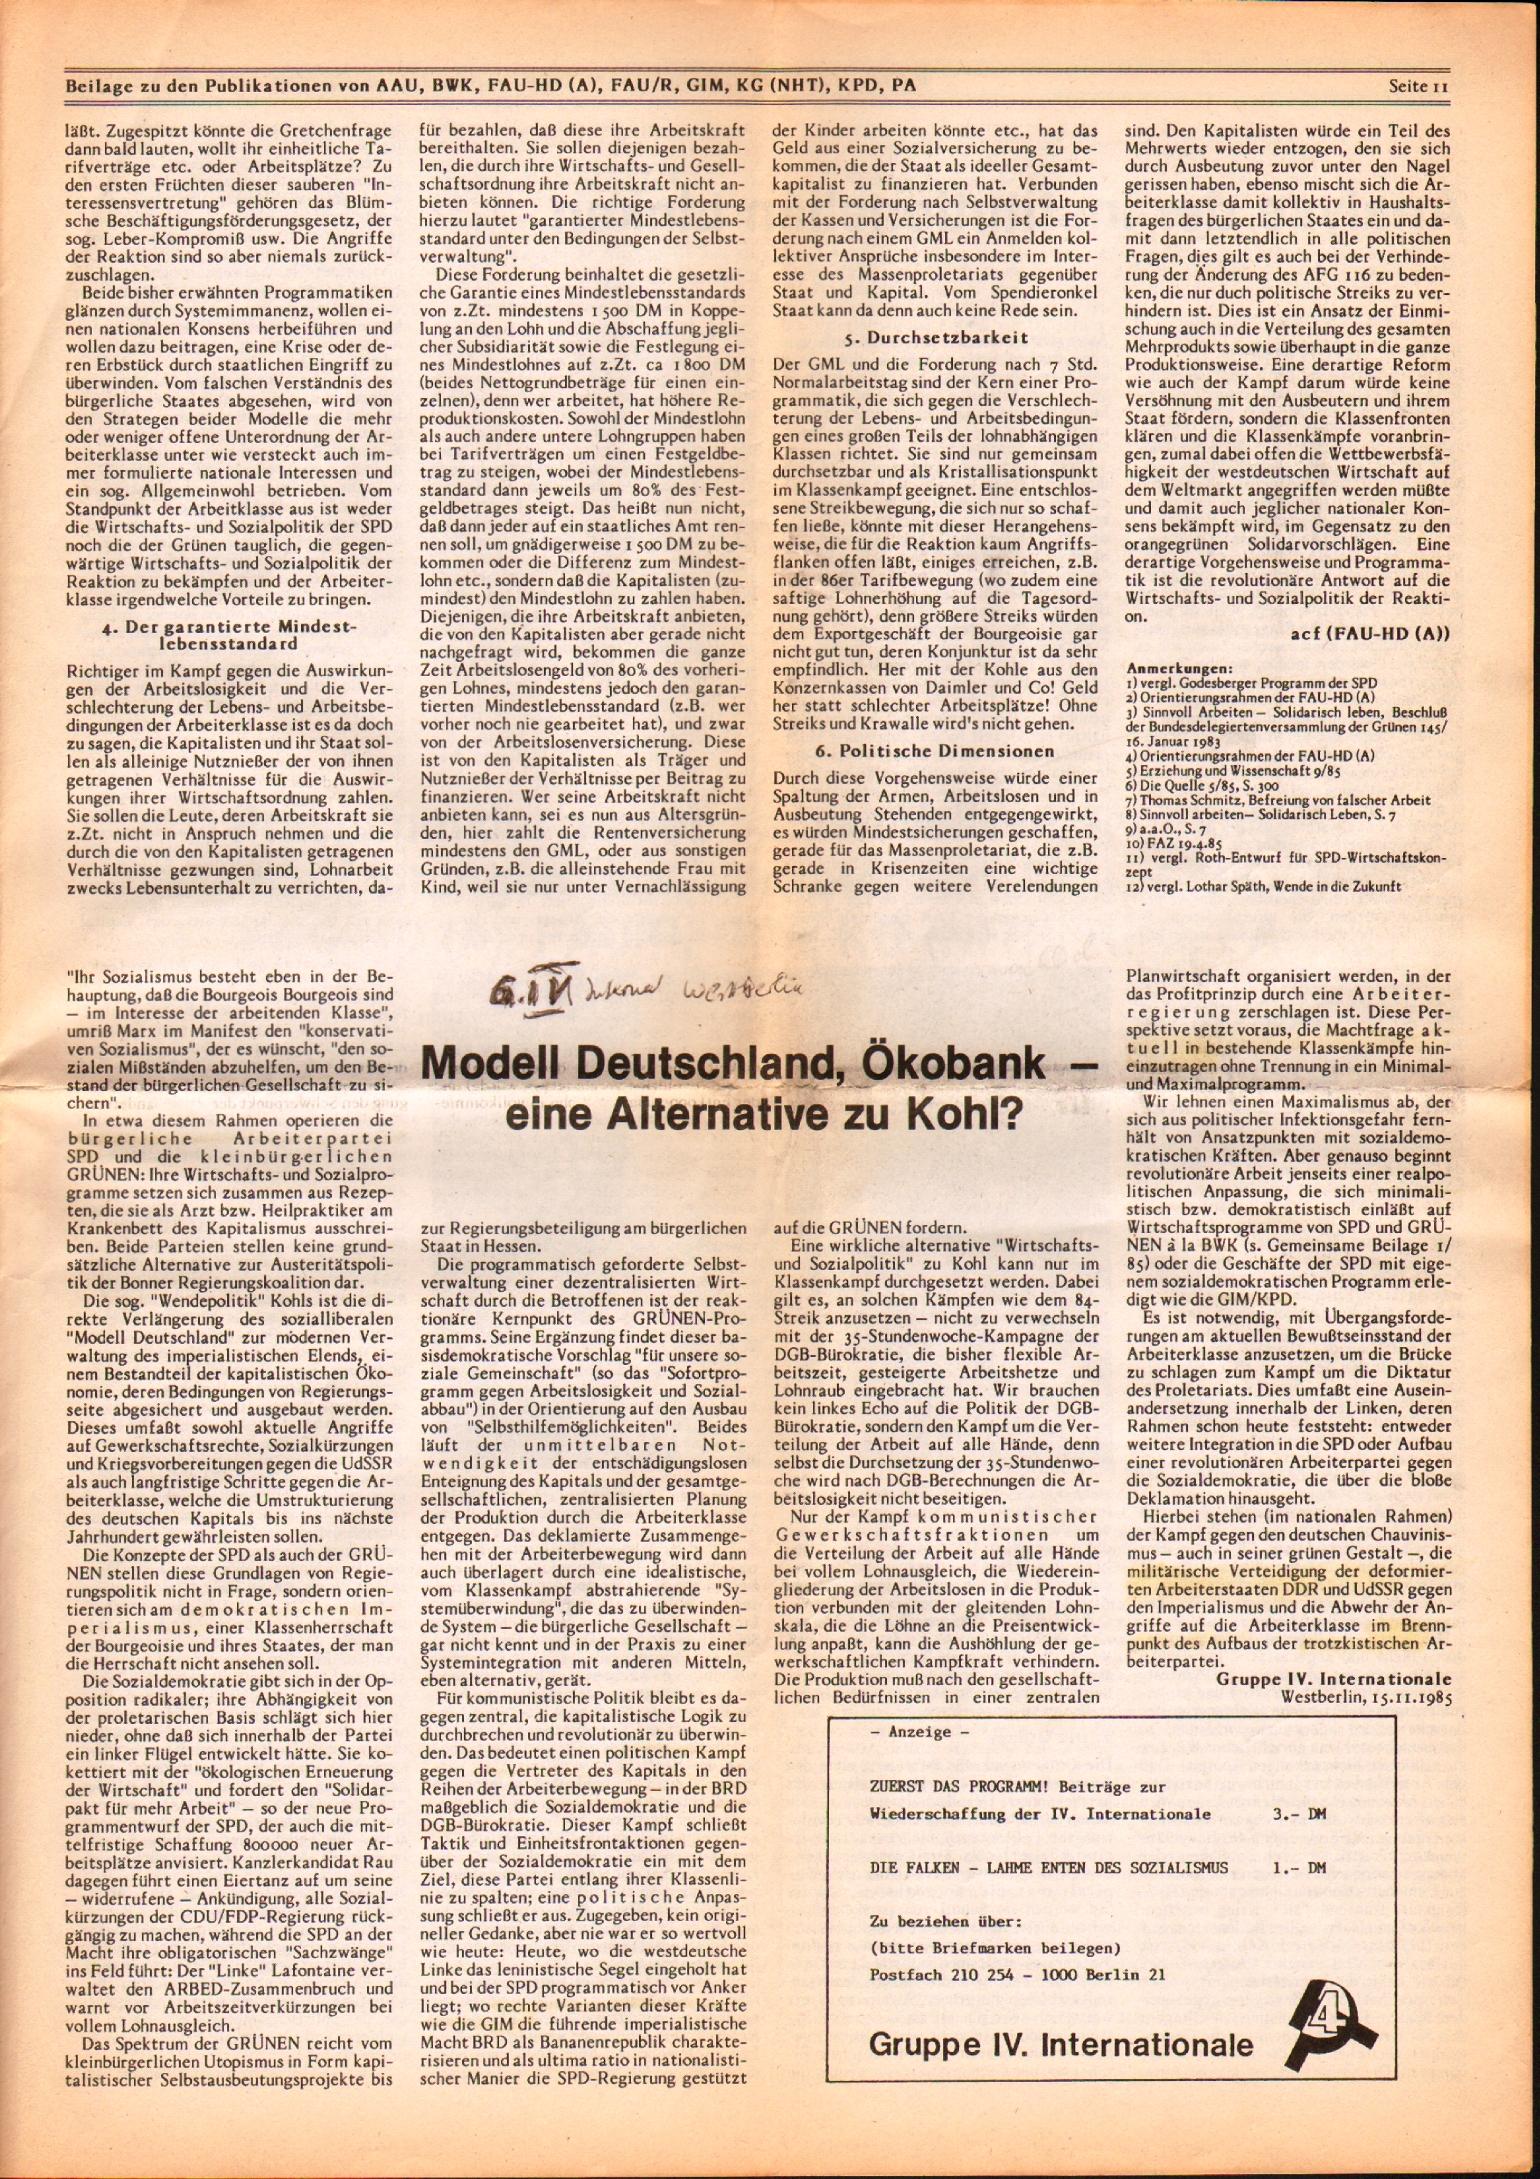 Gemeinsame_Beilage_1985_04_11